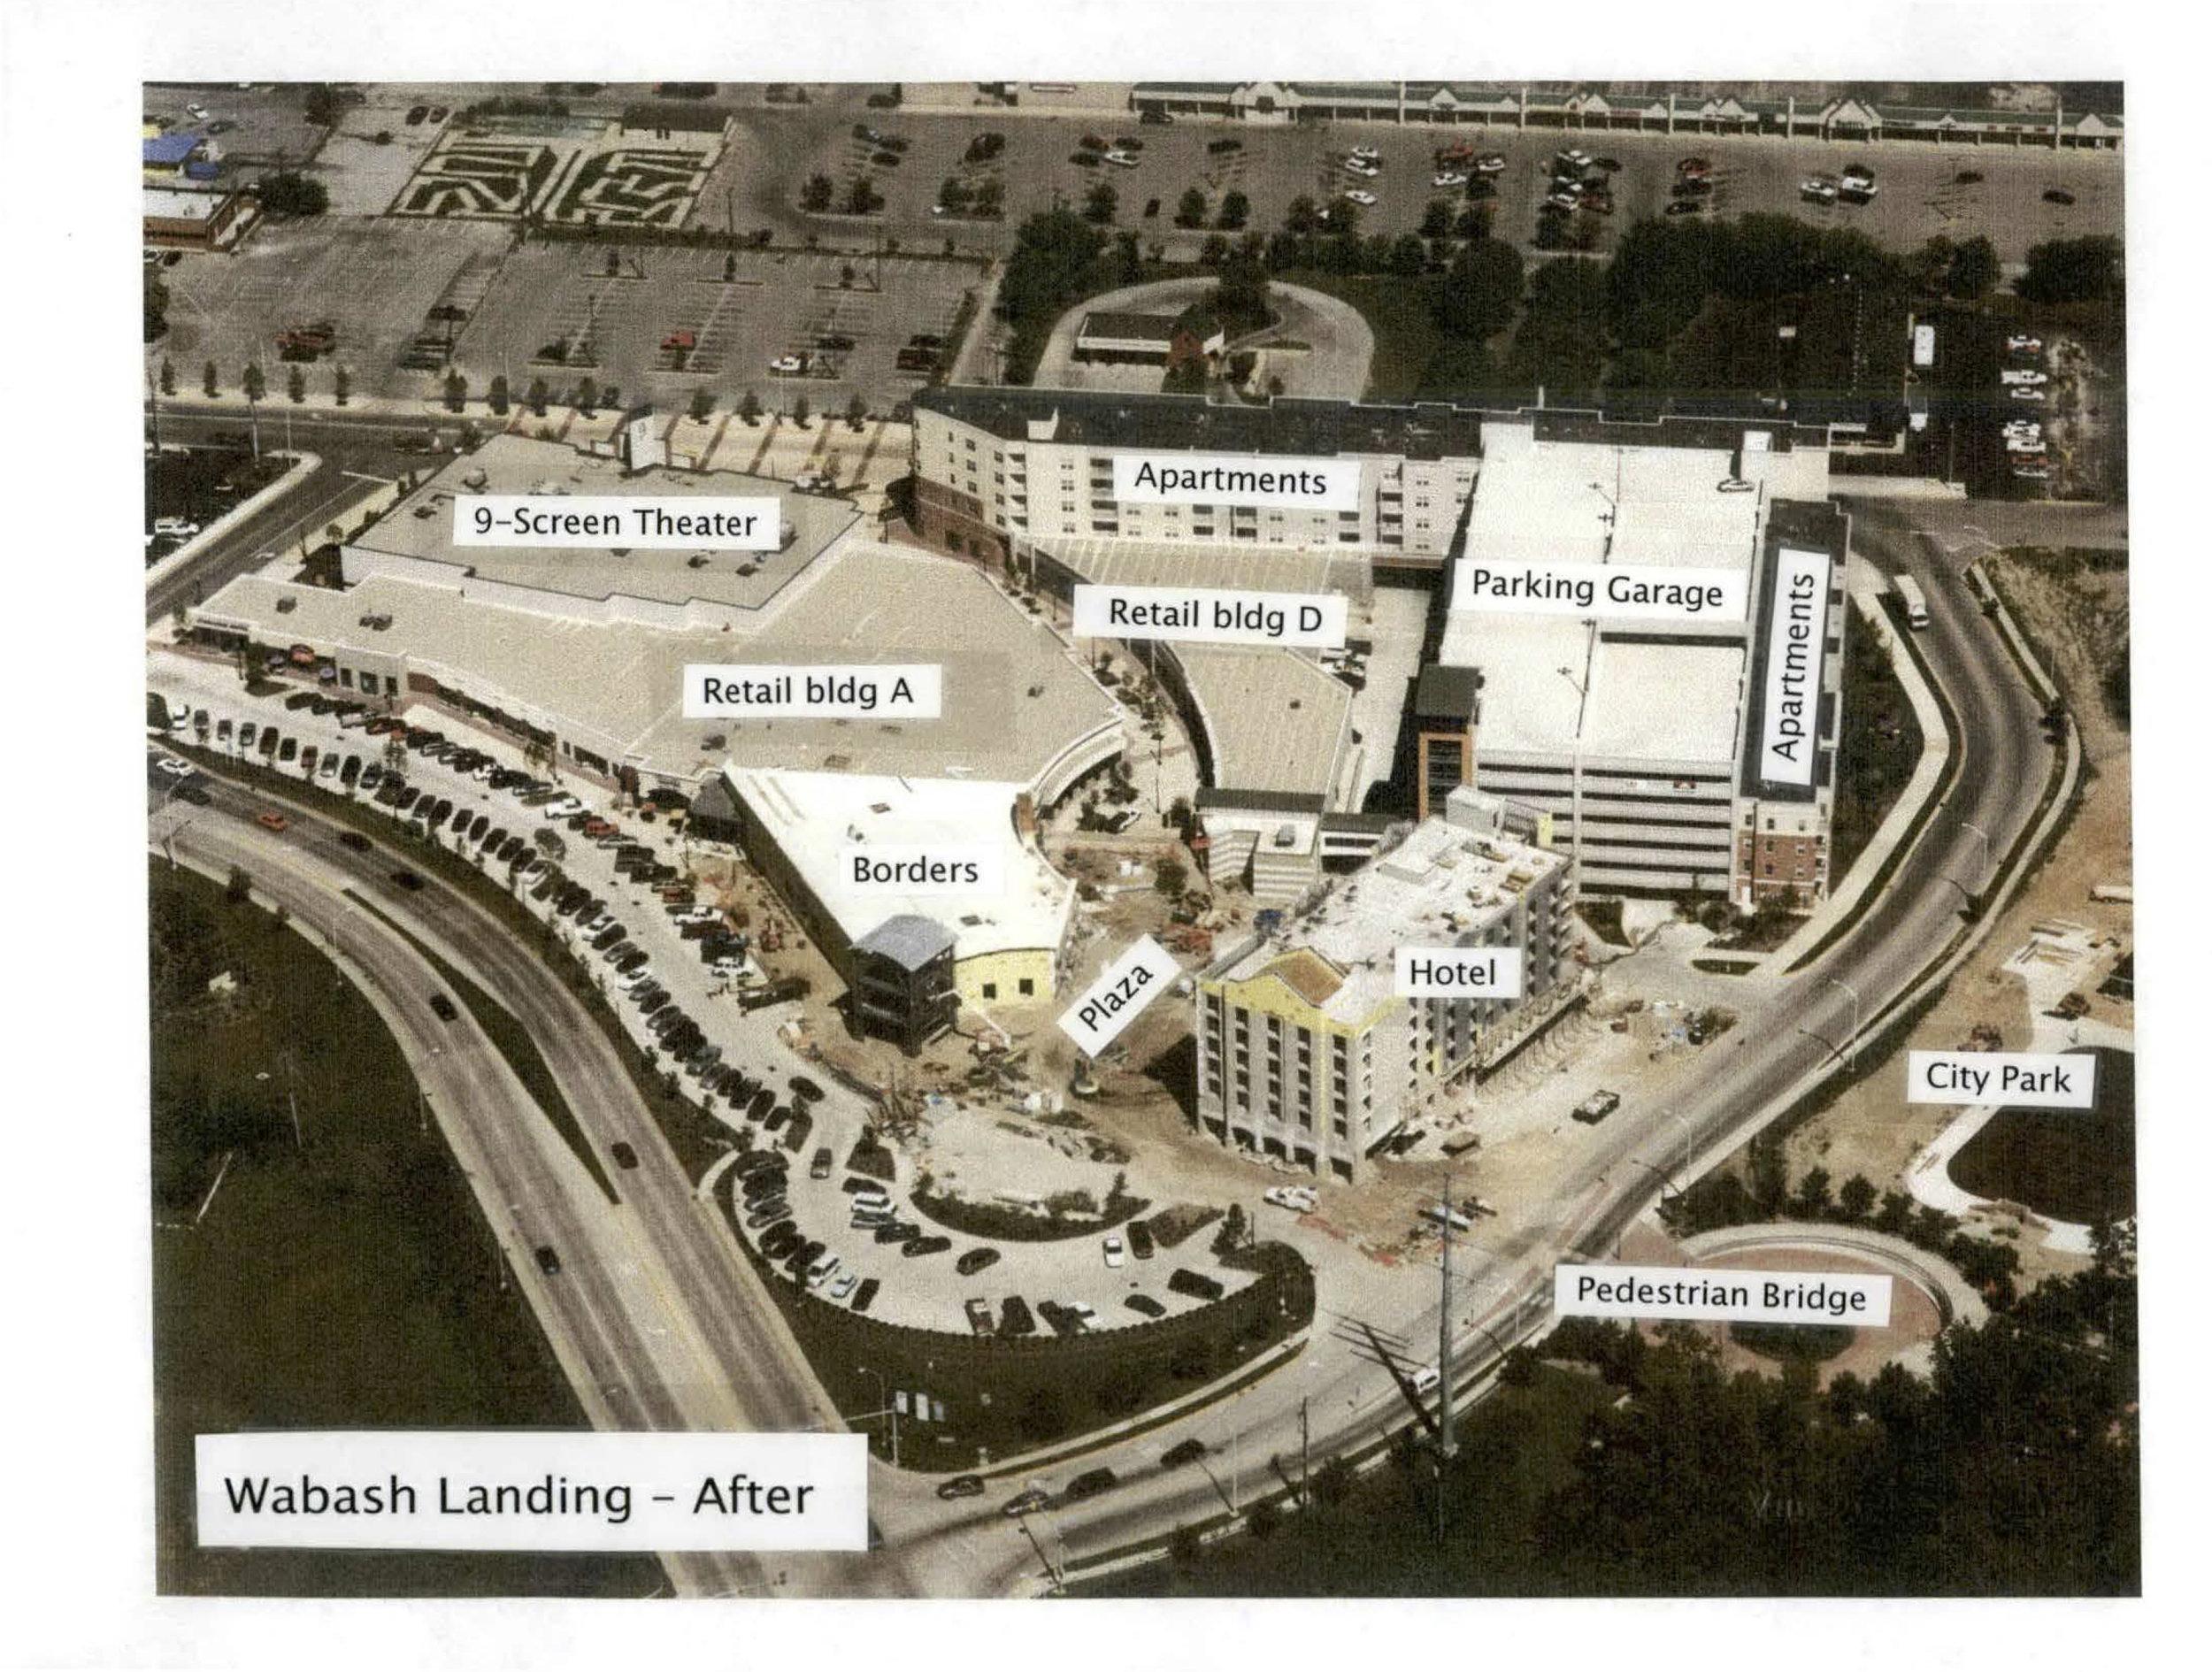 Wabash-Landing-Planned-Development_West-Lafayette-IN3.jpg